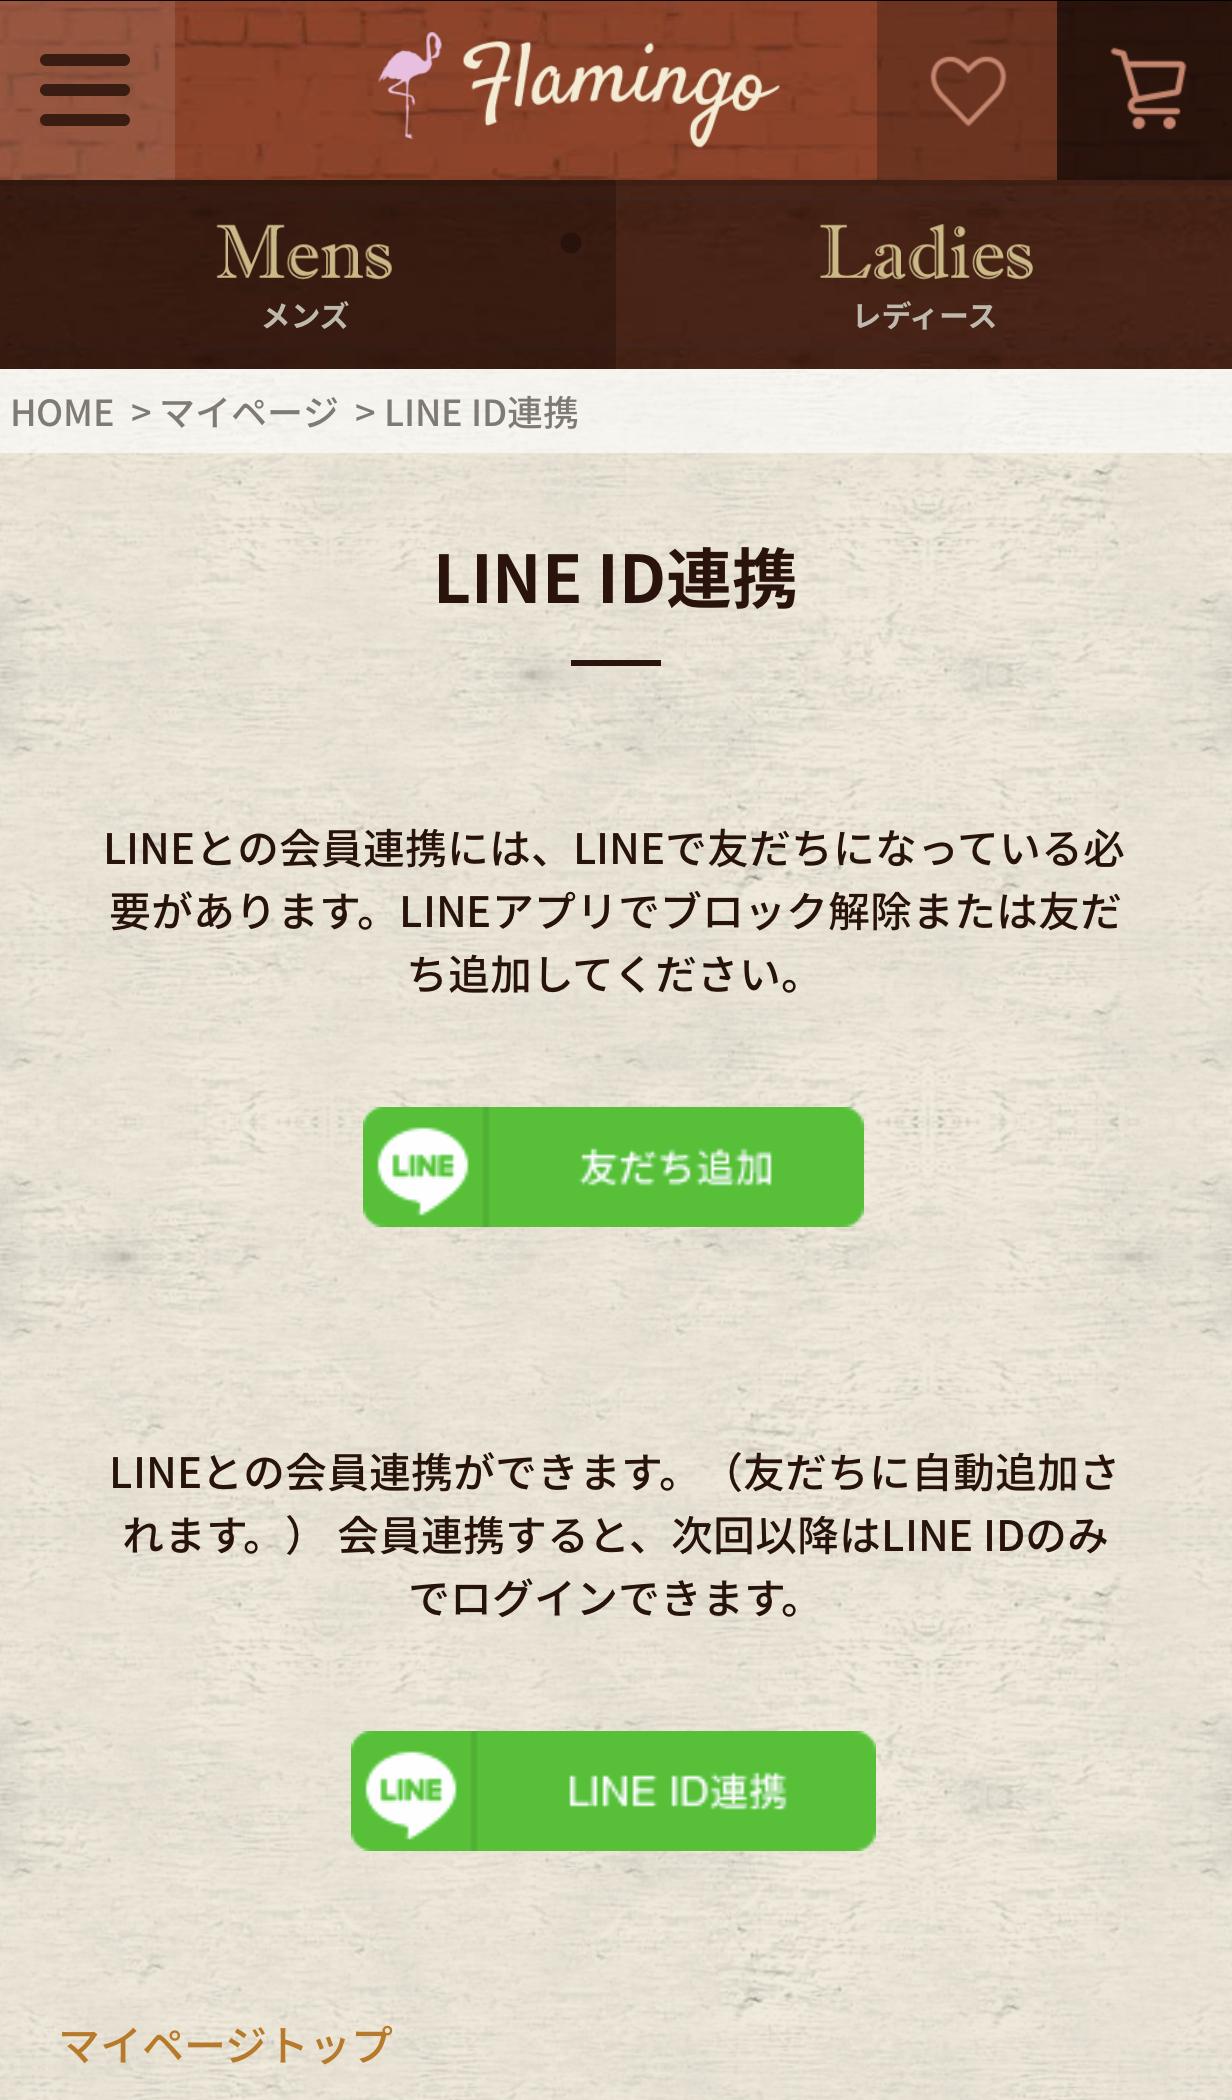 マイページのLINE ID連携するメニューから遷移